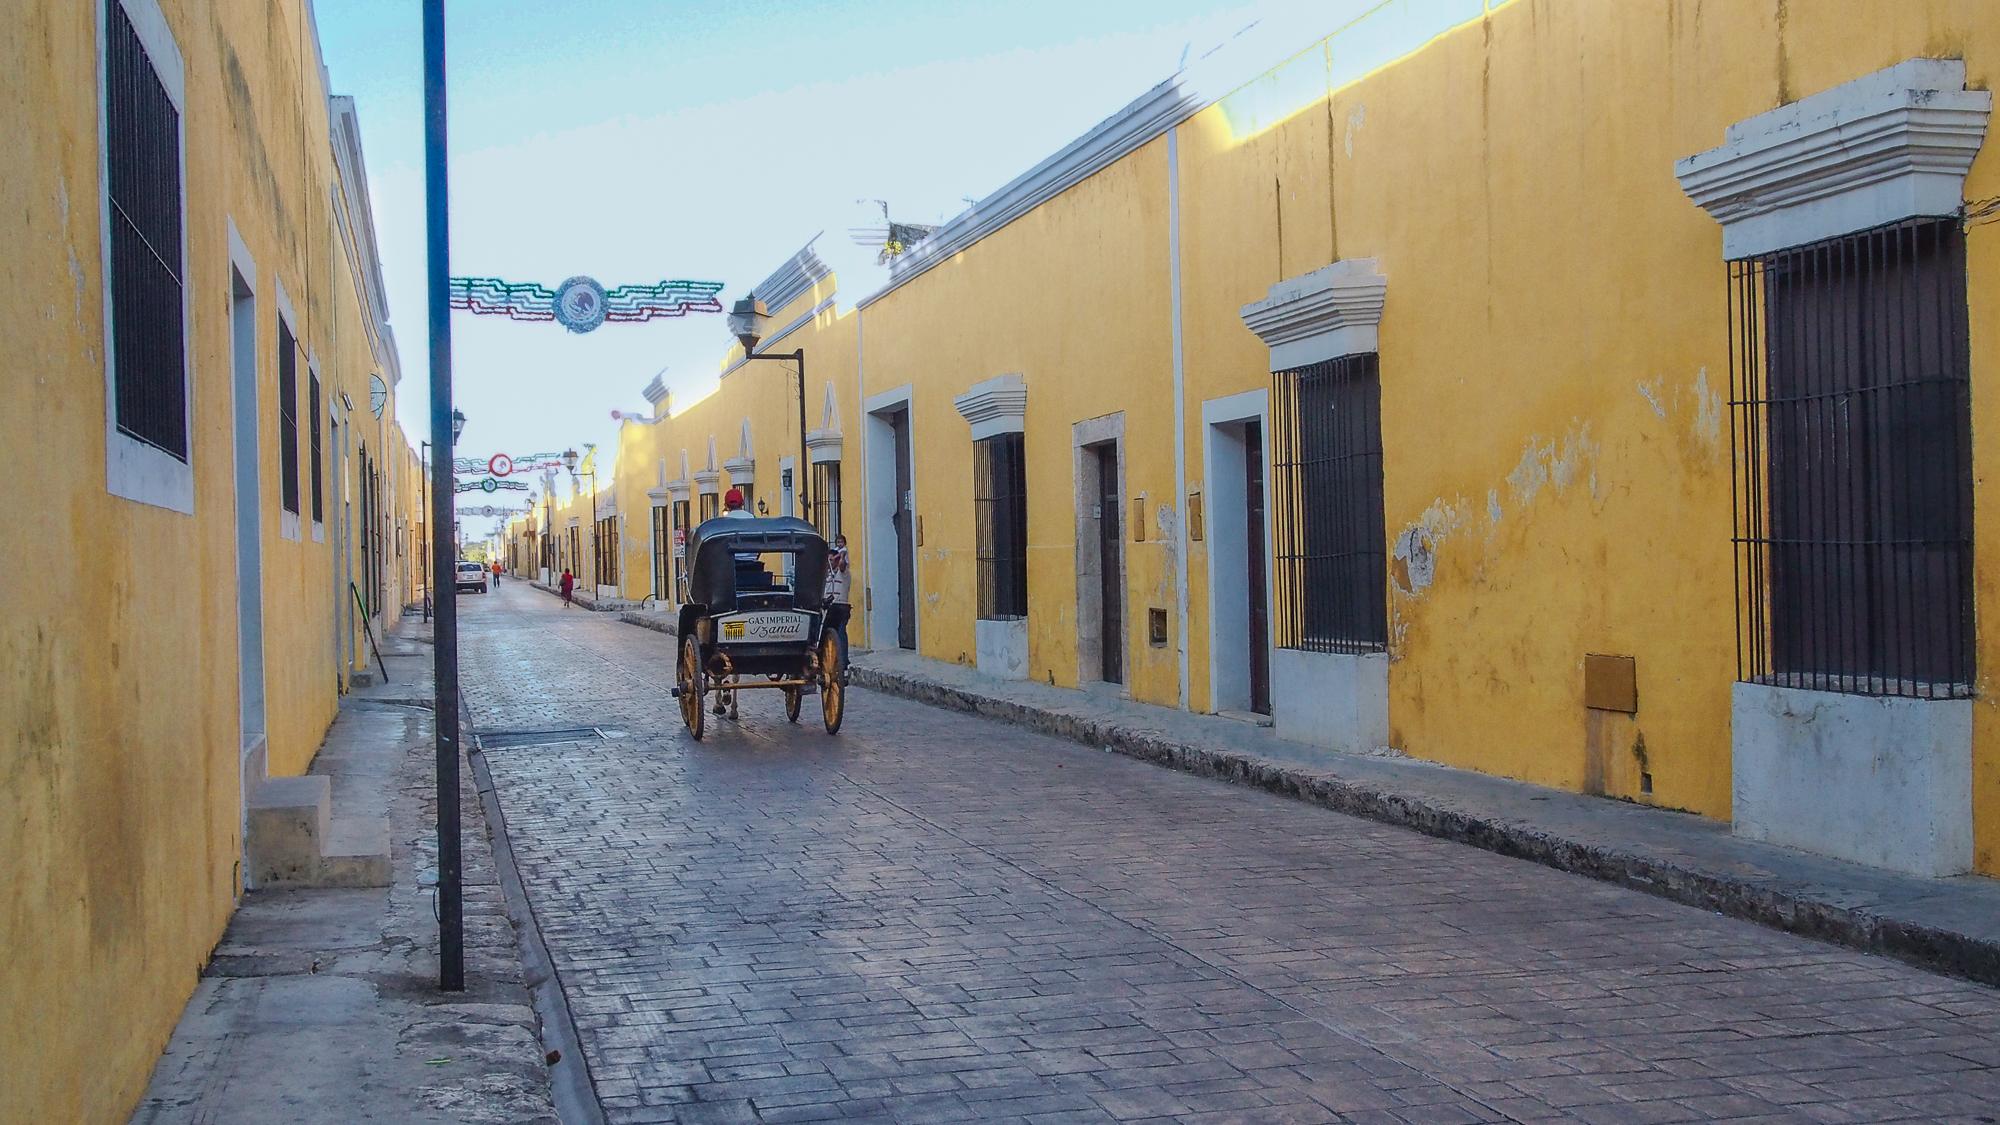 Izamal streets, Mexico